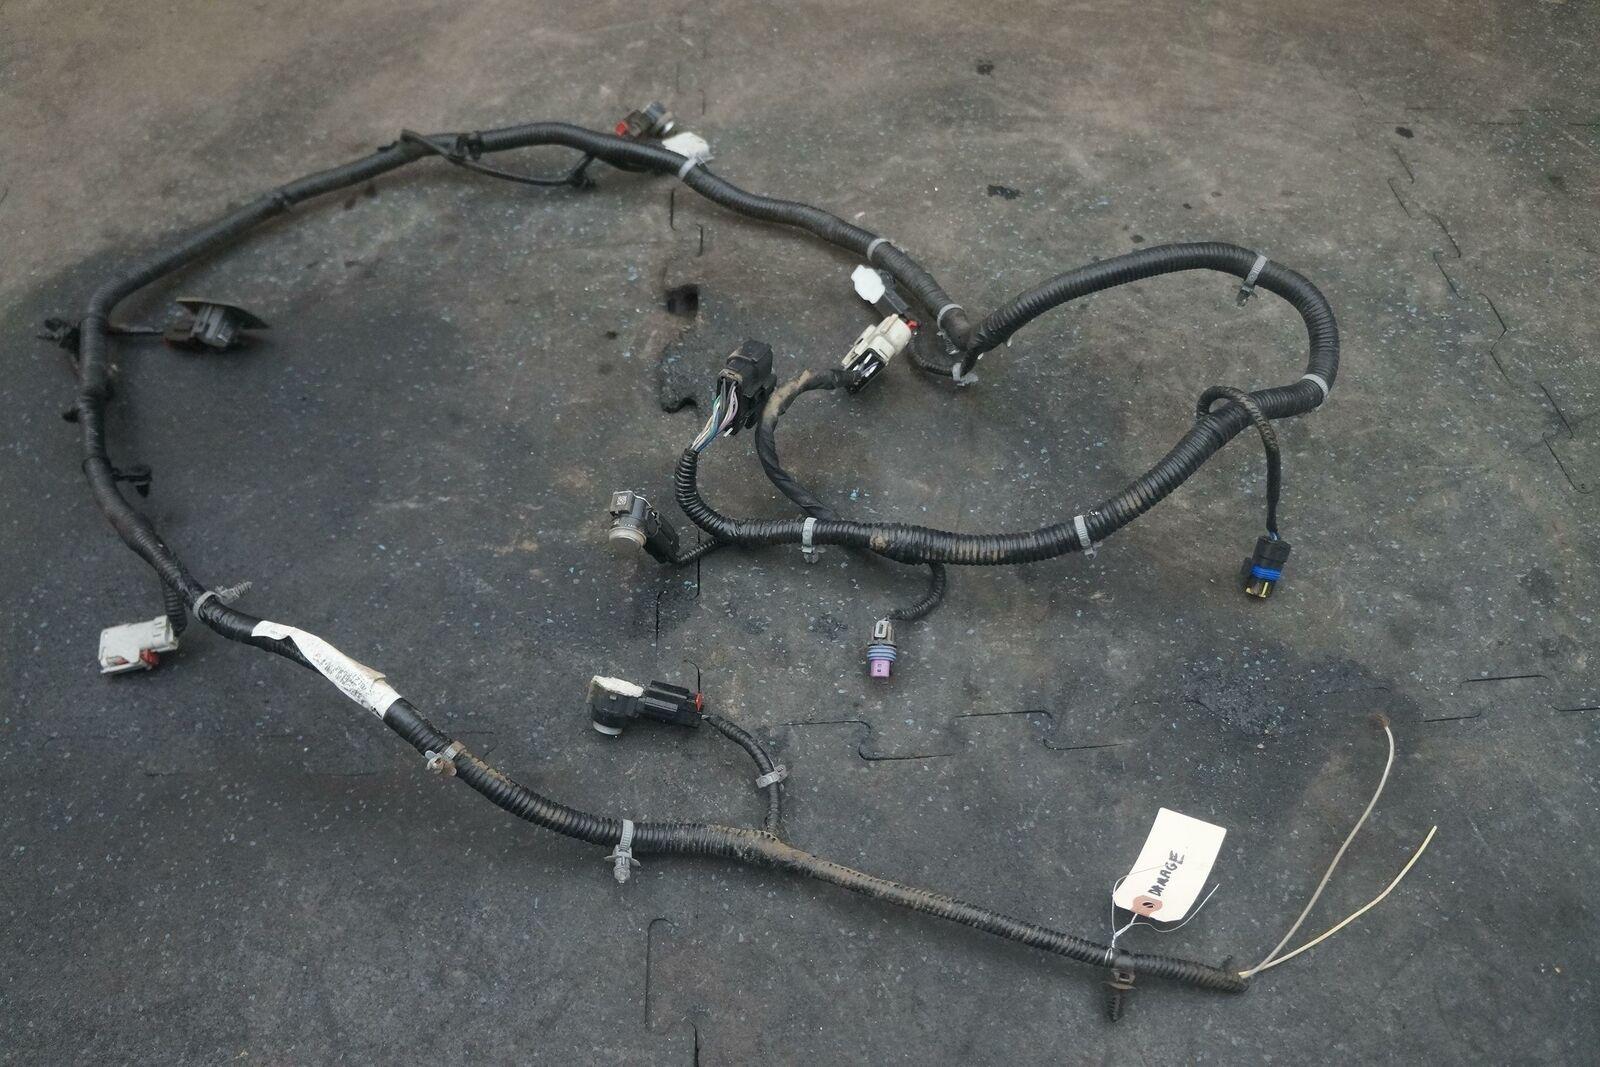 cadillac wiring parts front bumper park sensor wire wiring harness 52019545 cadillac cts  front bumper park sensor wire wiring